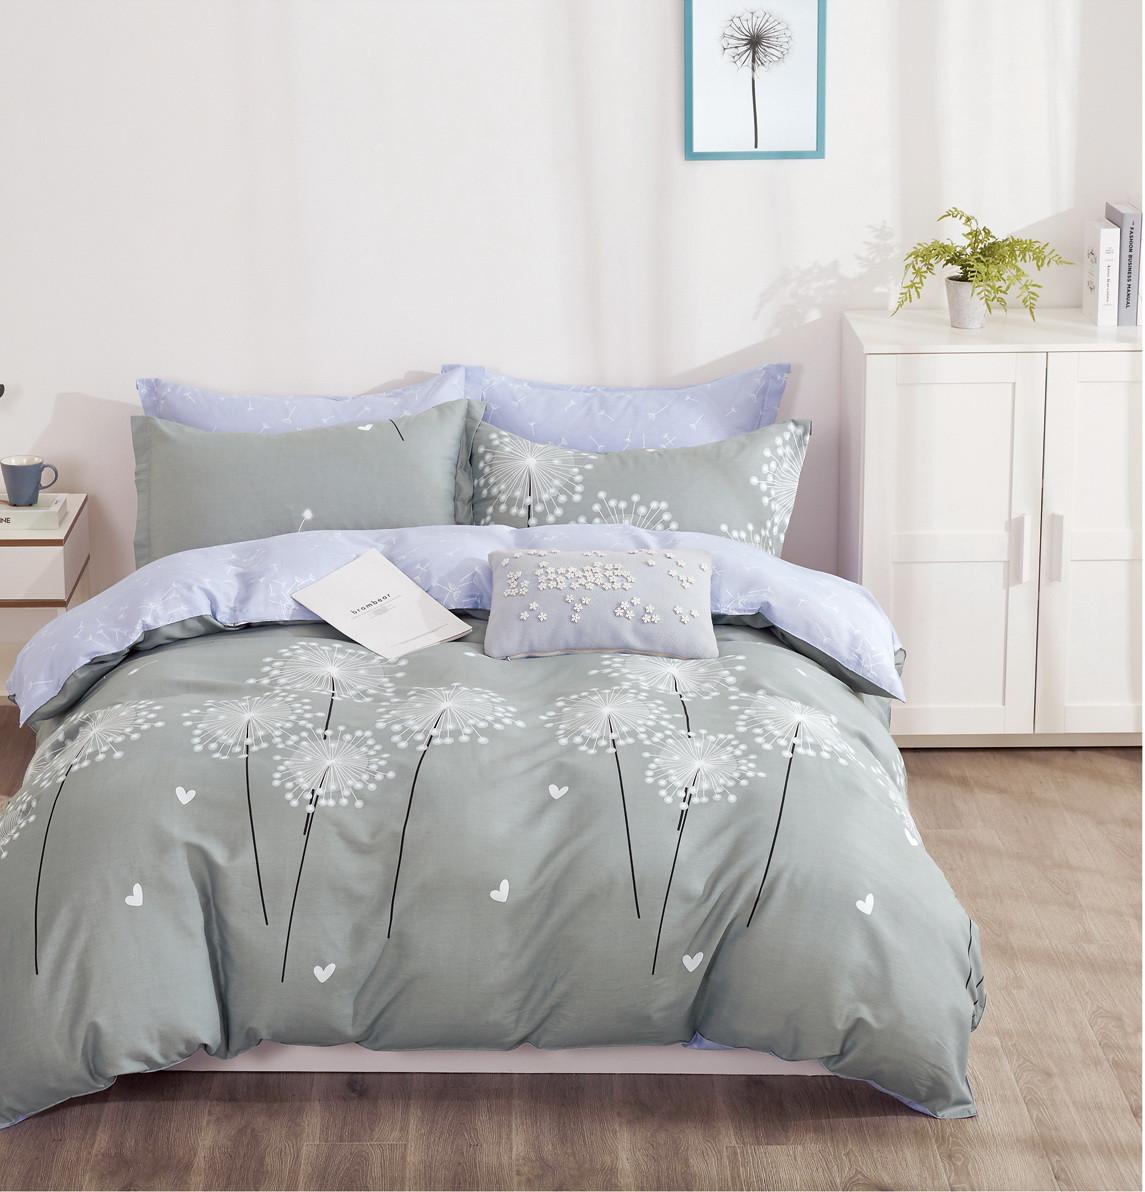 Комплект постельного белья Bella Villa сатин Евро серый с одуванчиками